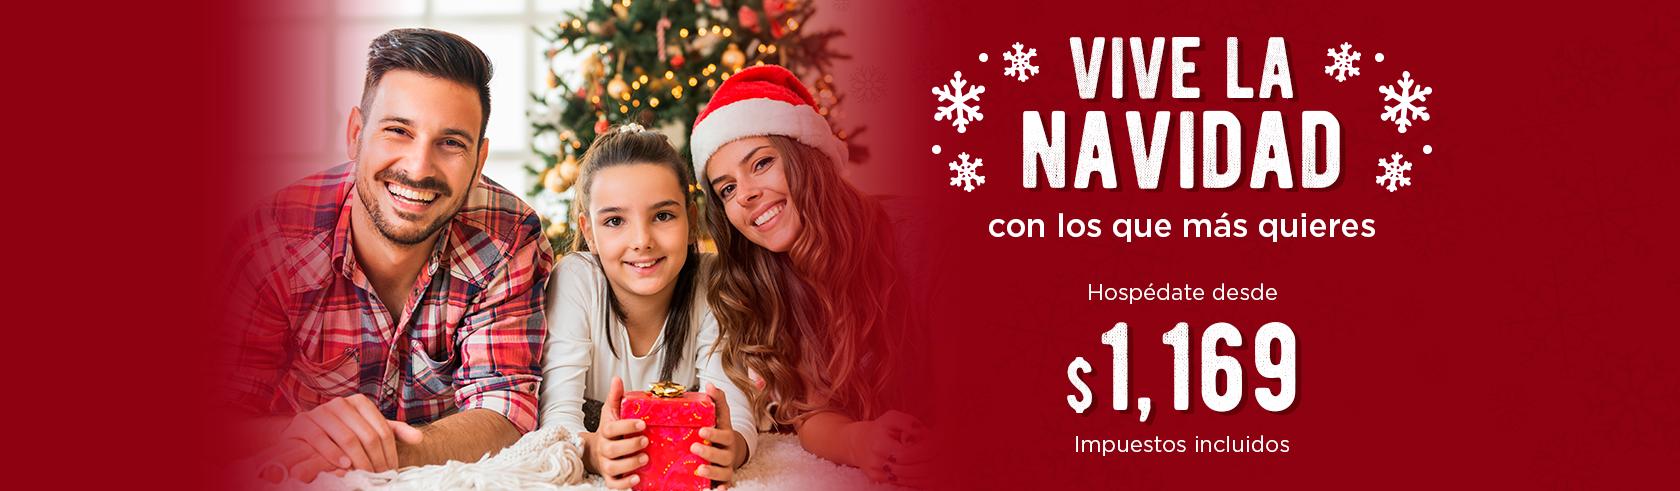 Navidad en Hotel Holiday Inn Express Galerías